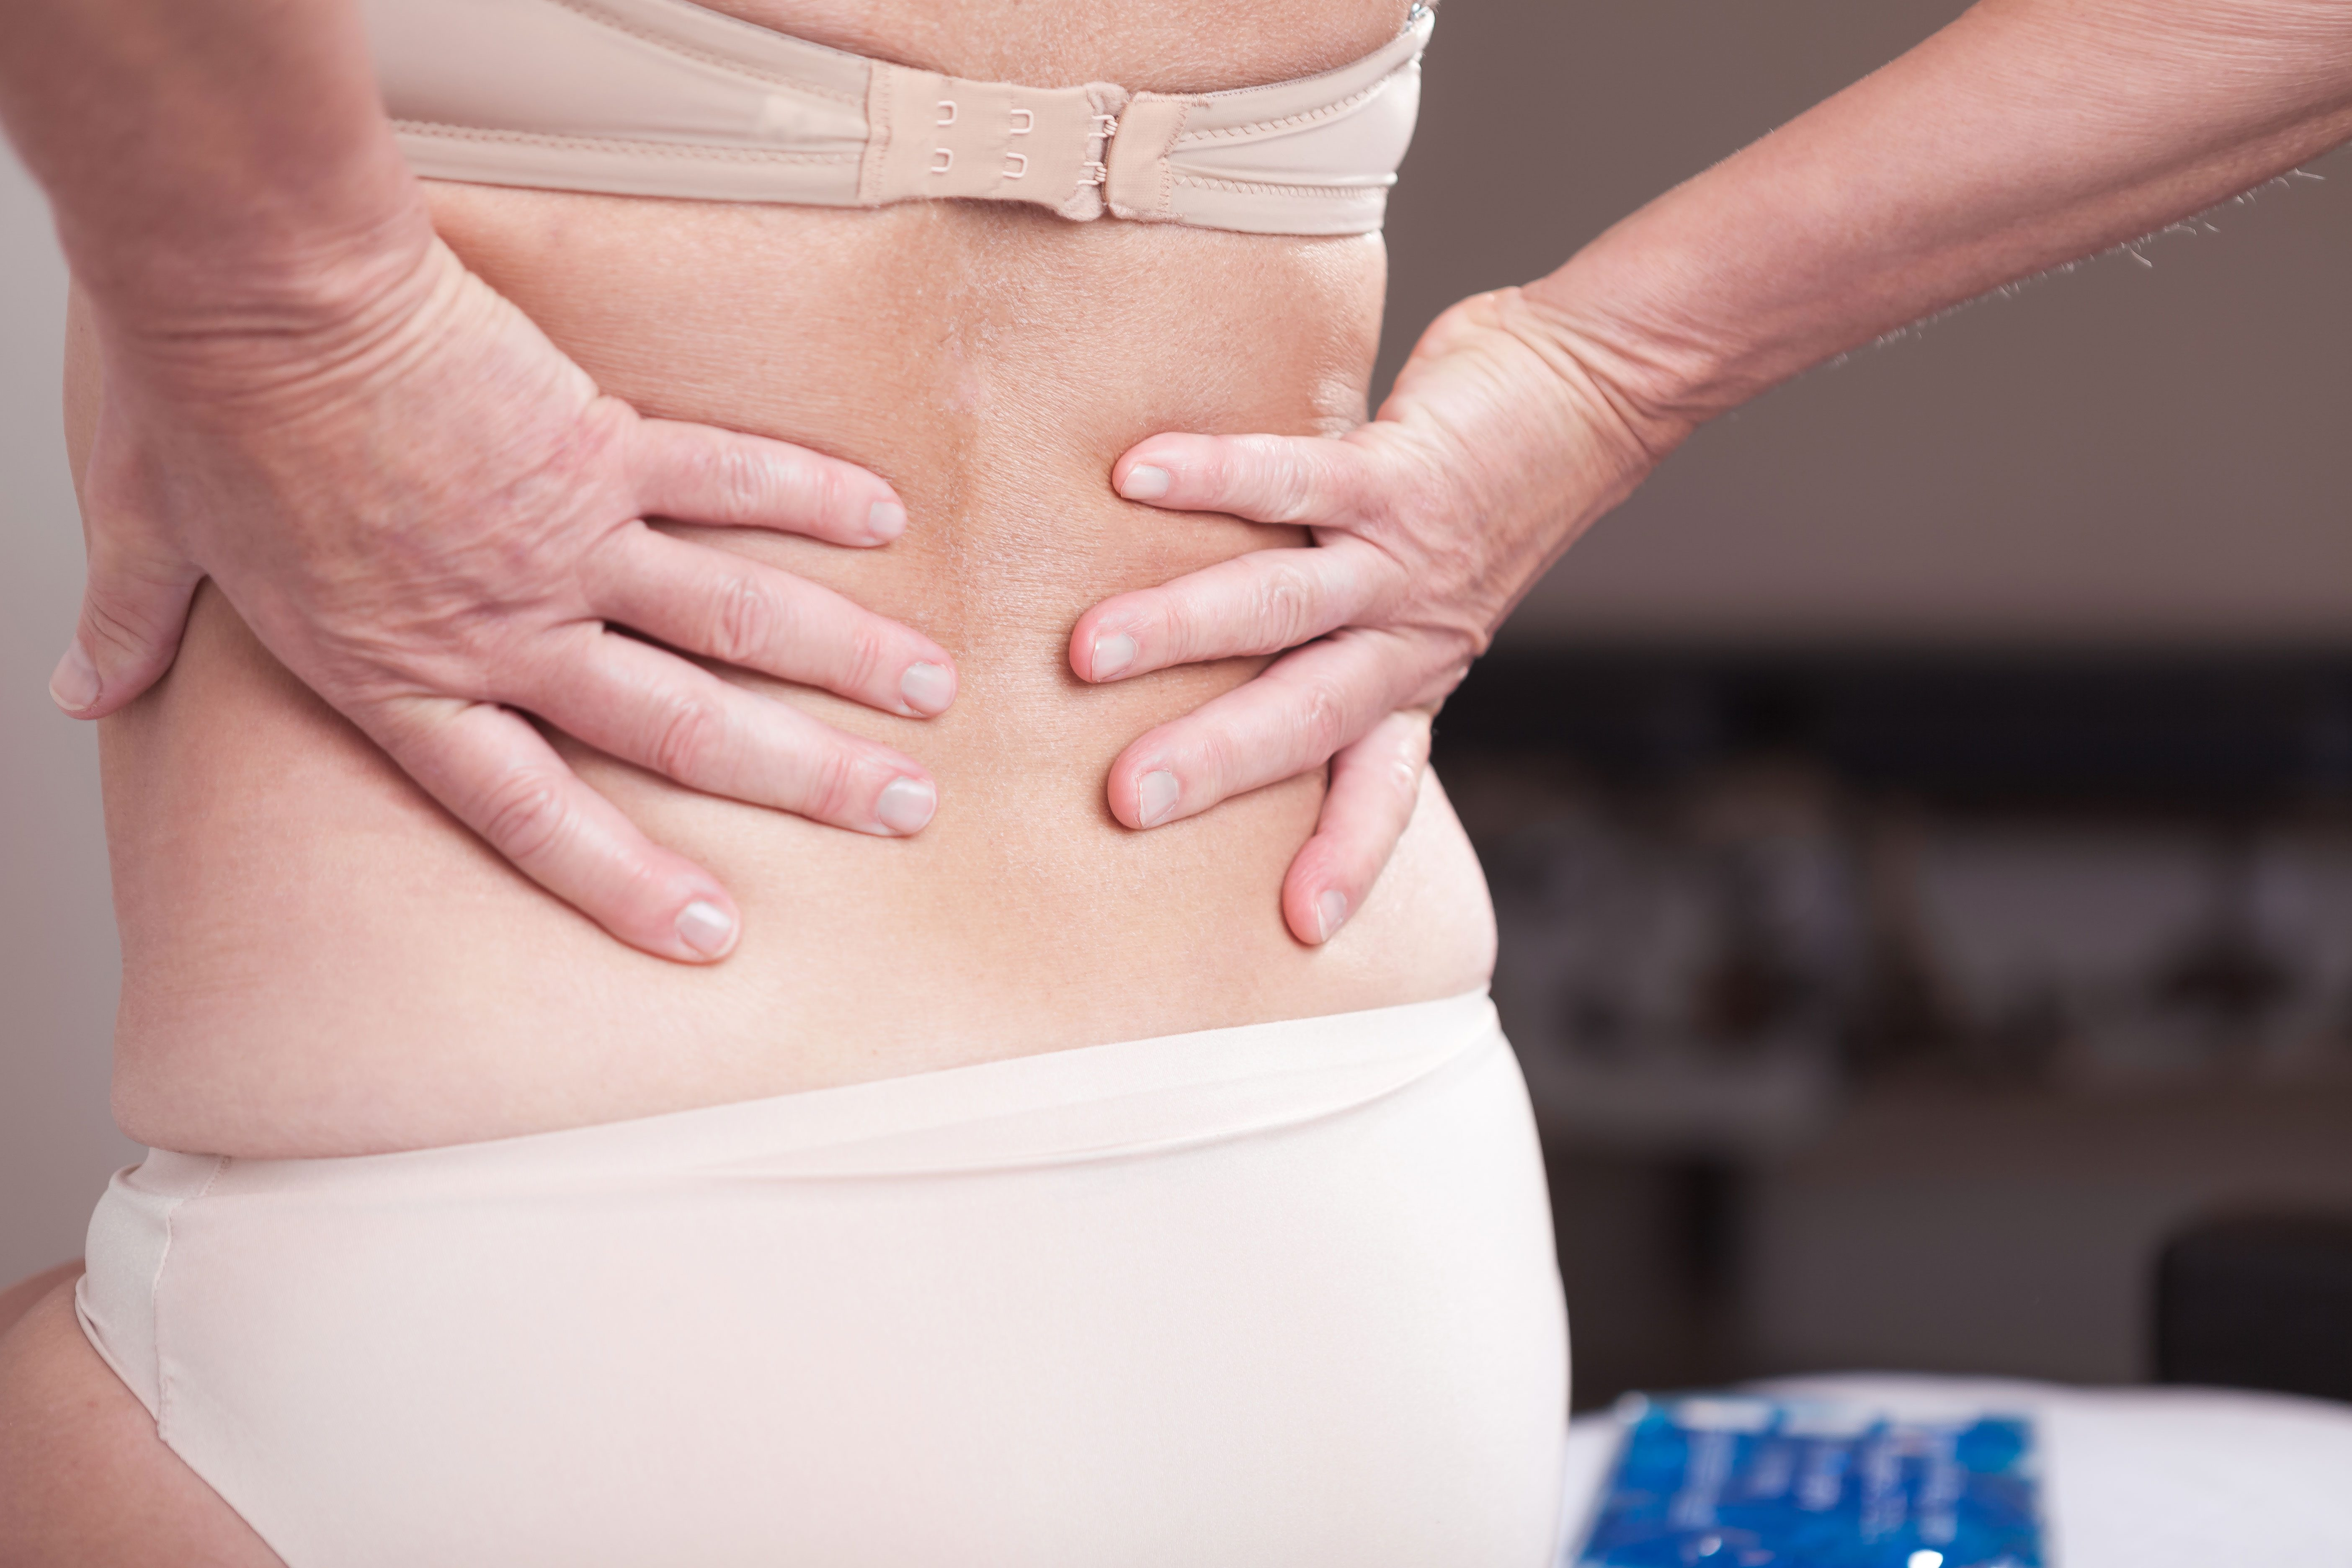 smerter i ryggen stråler ned i benet